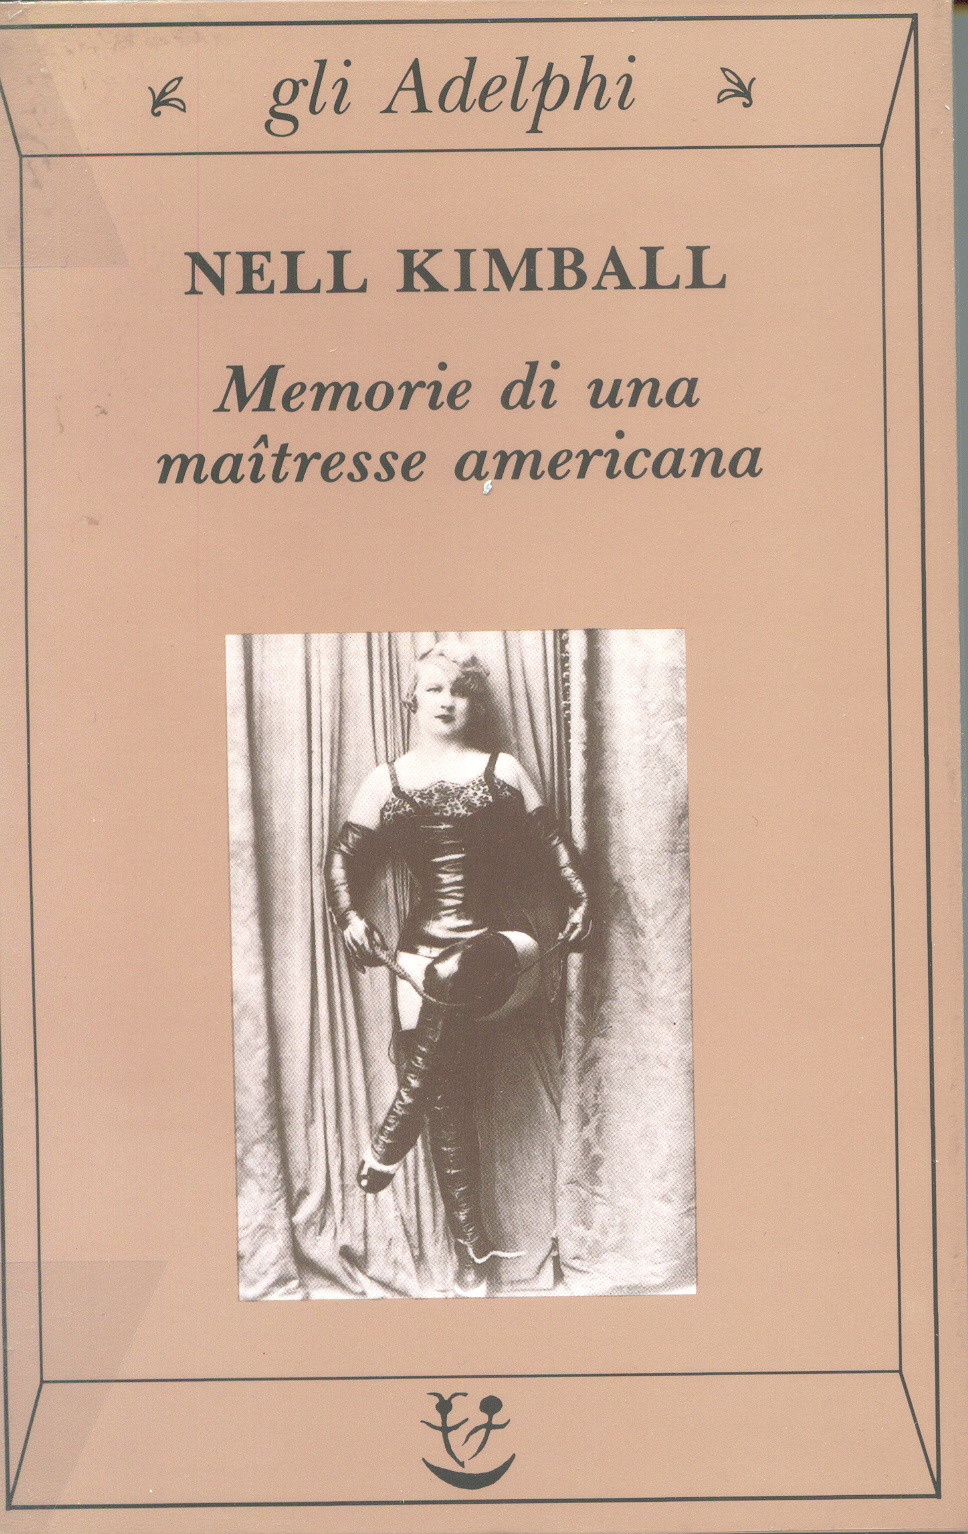 Image of Memorie di una maîtresse americana